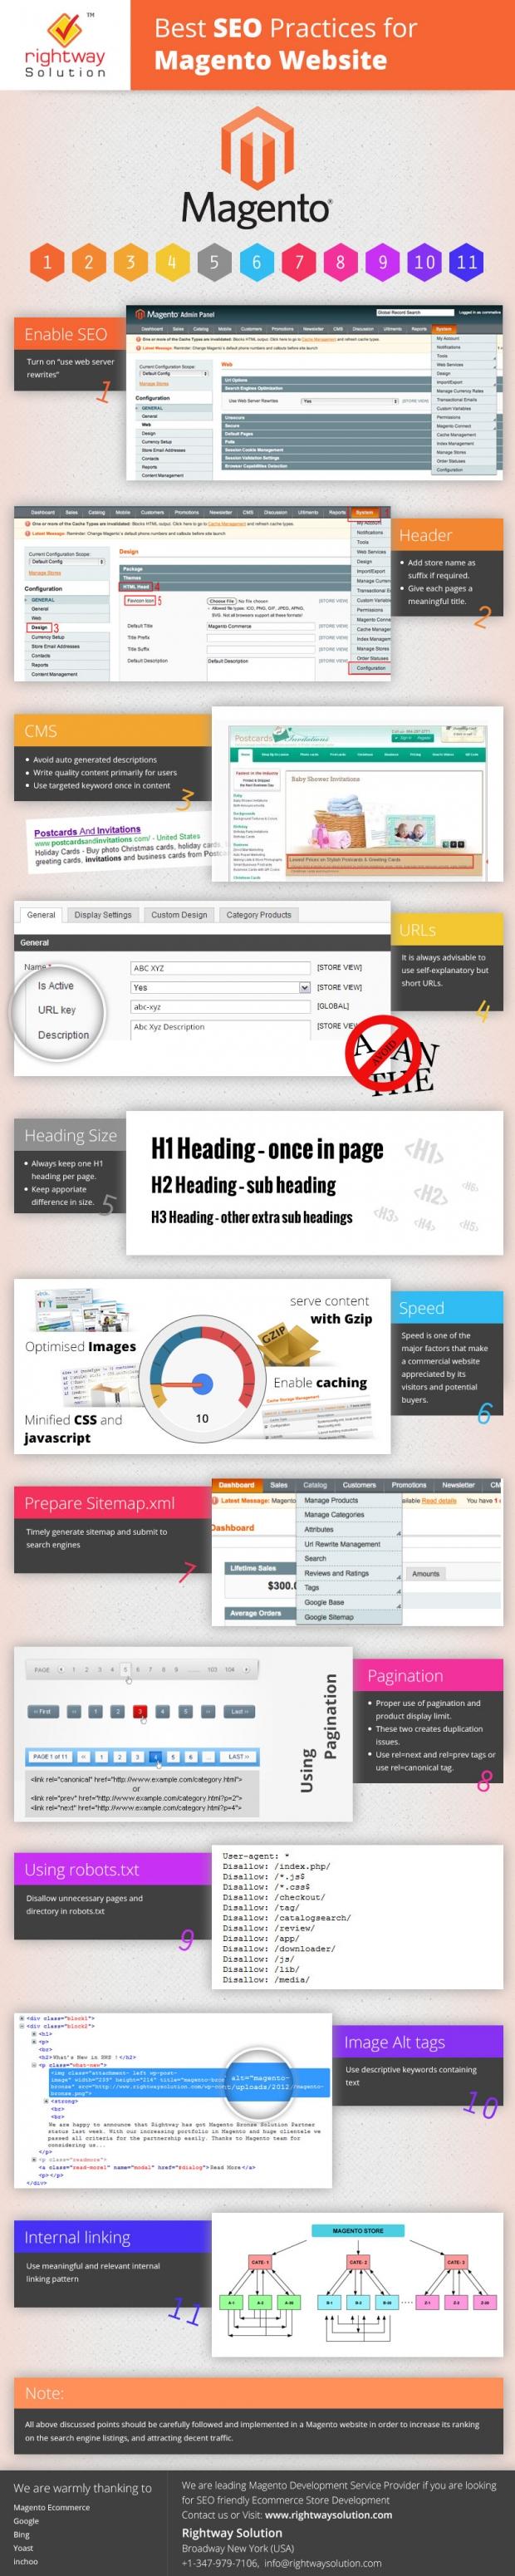 11 Magento SEO Tips for Magento SEO Optimization